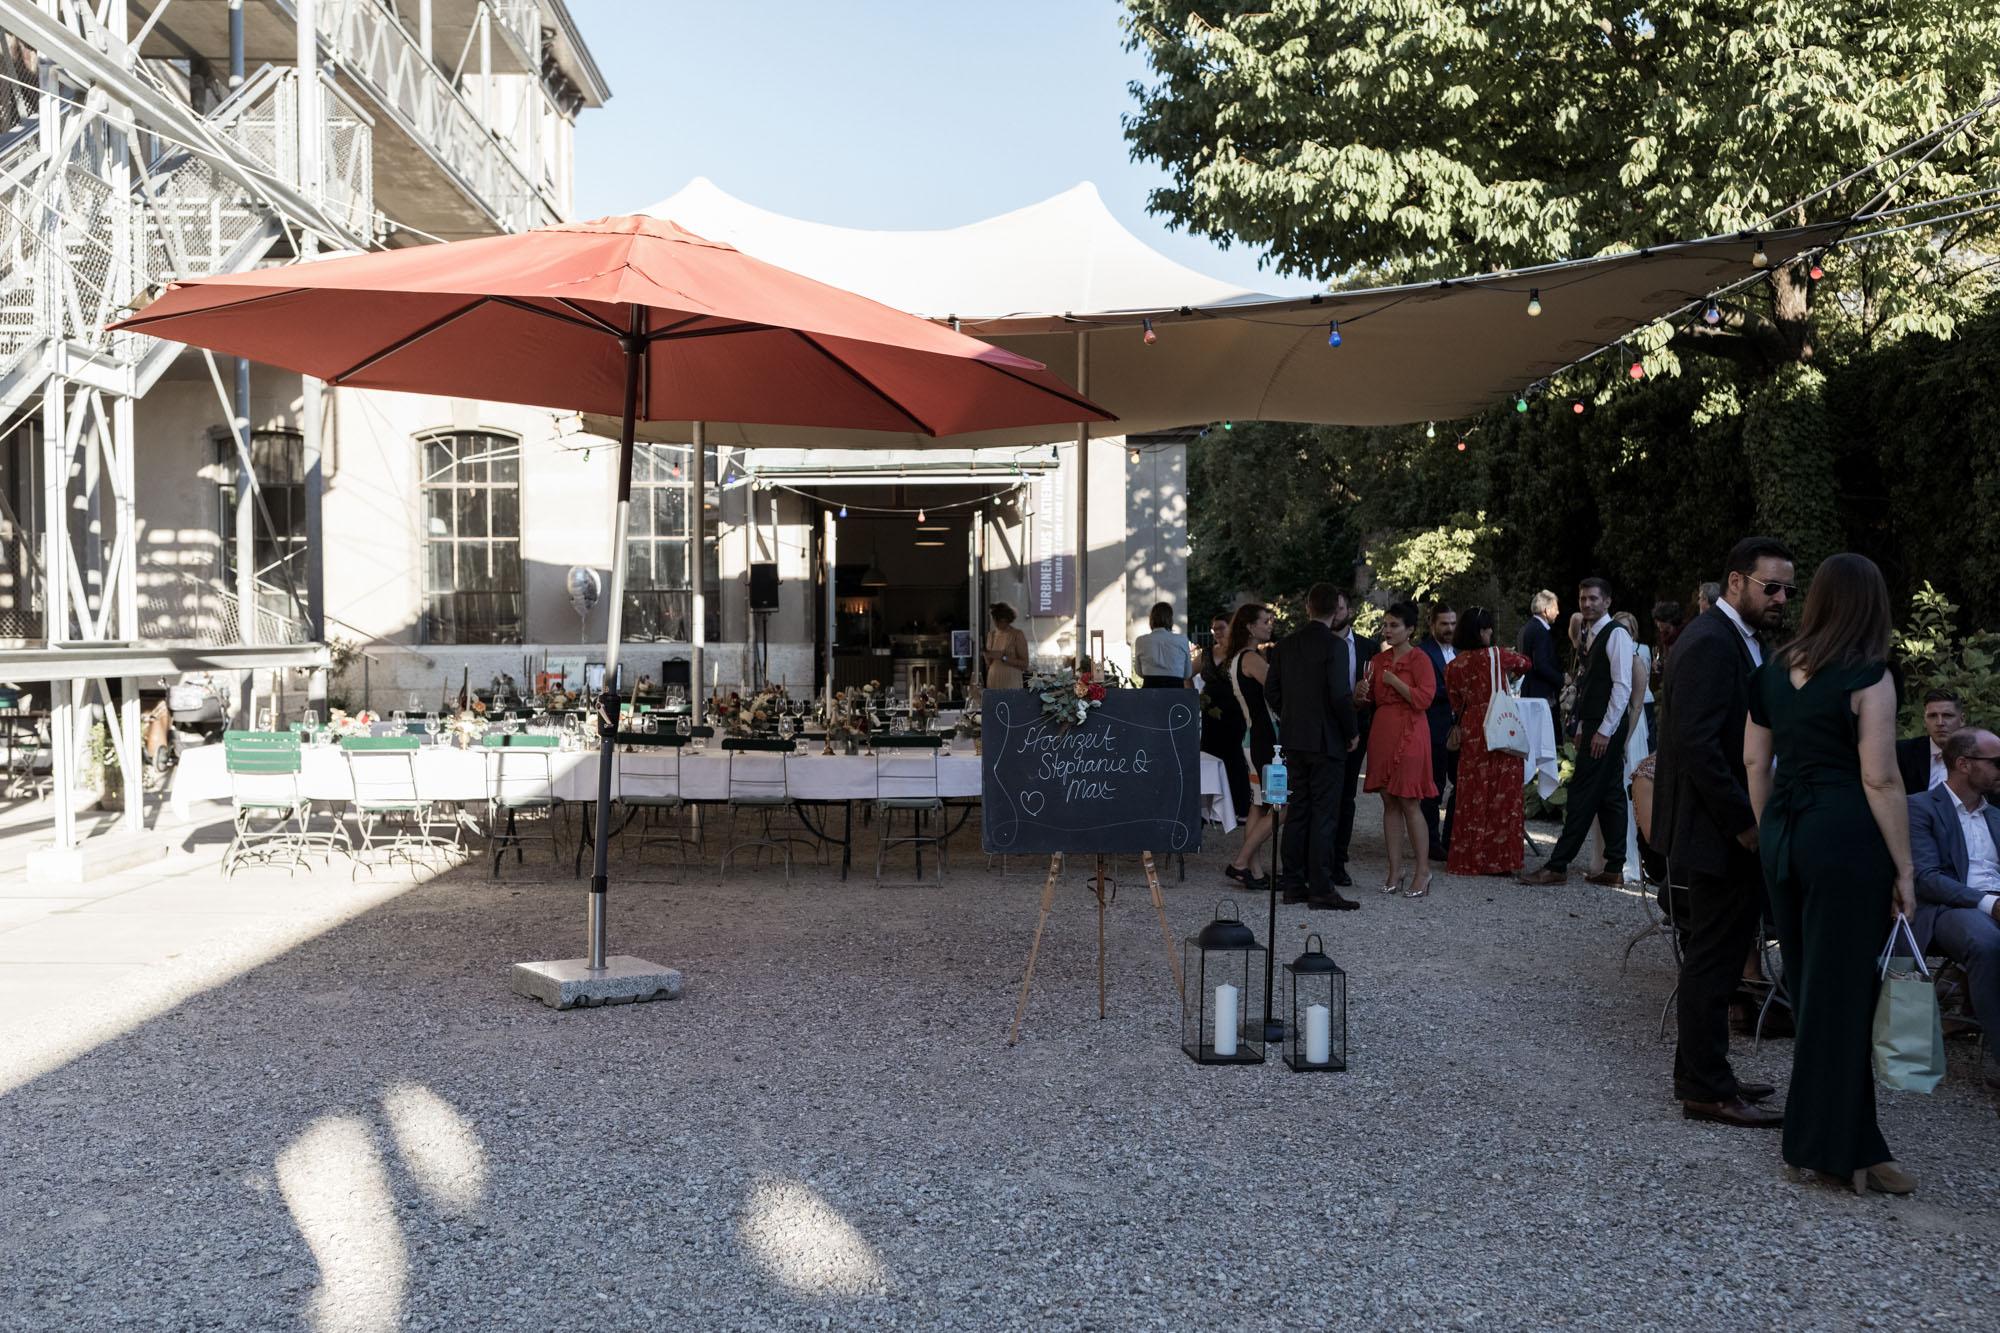 Hochzeit im Turbinenhaus in Basel - Hochzeitsfest Impressionen